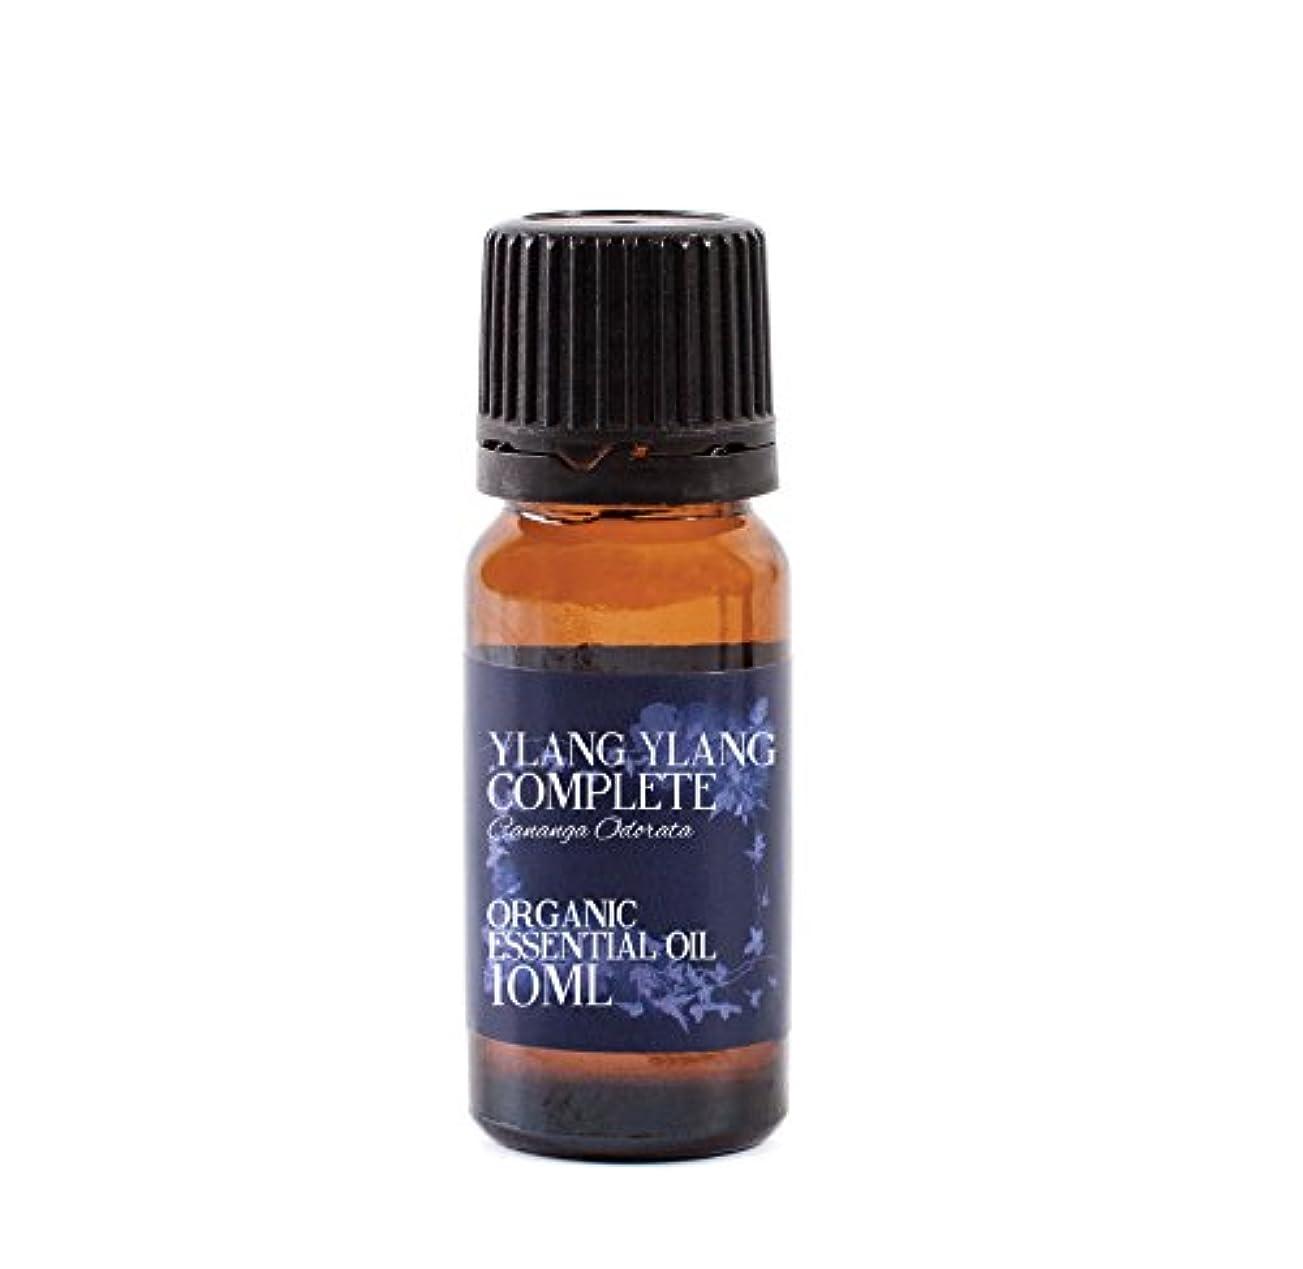 個人的な排出アパートMystic Moments | Ylang Ylang Complete Organic Essential Oil - 10ml - 100% Pure